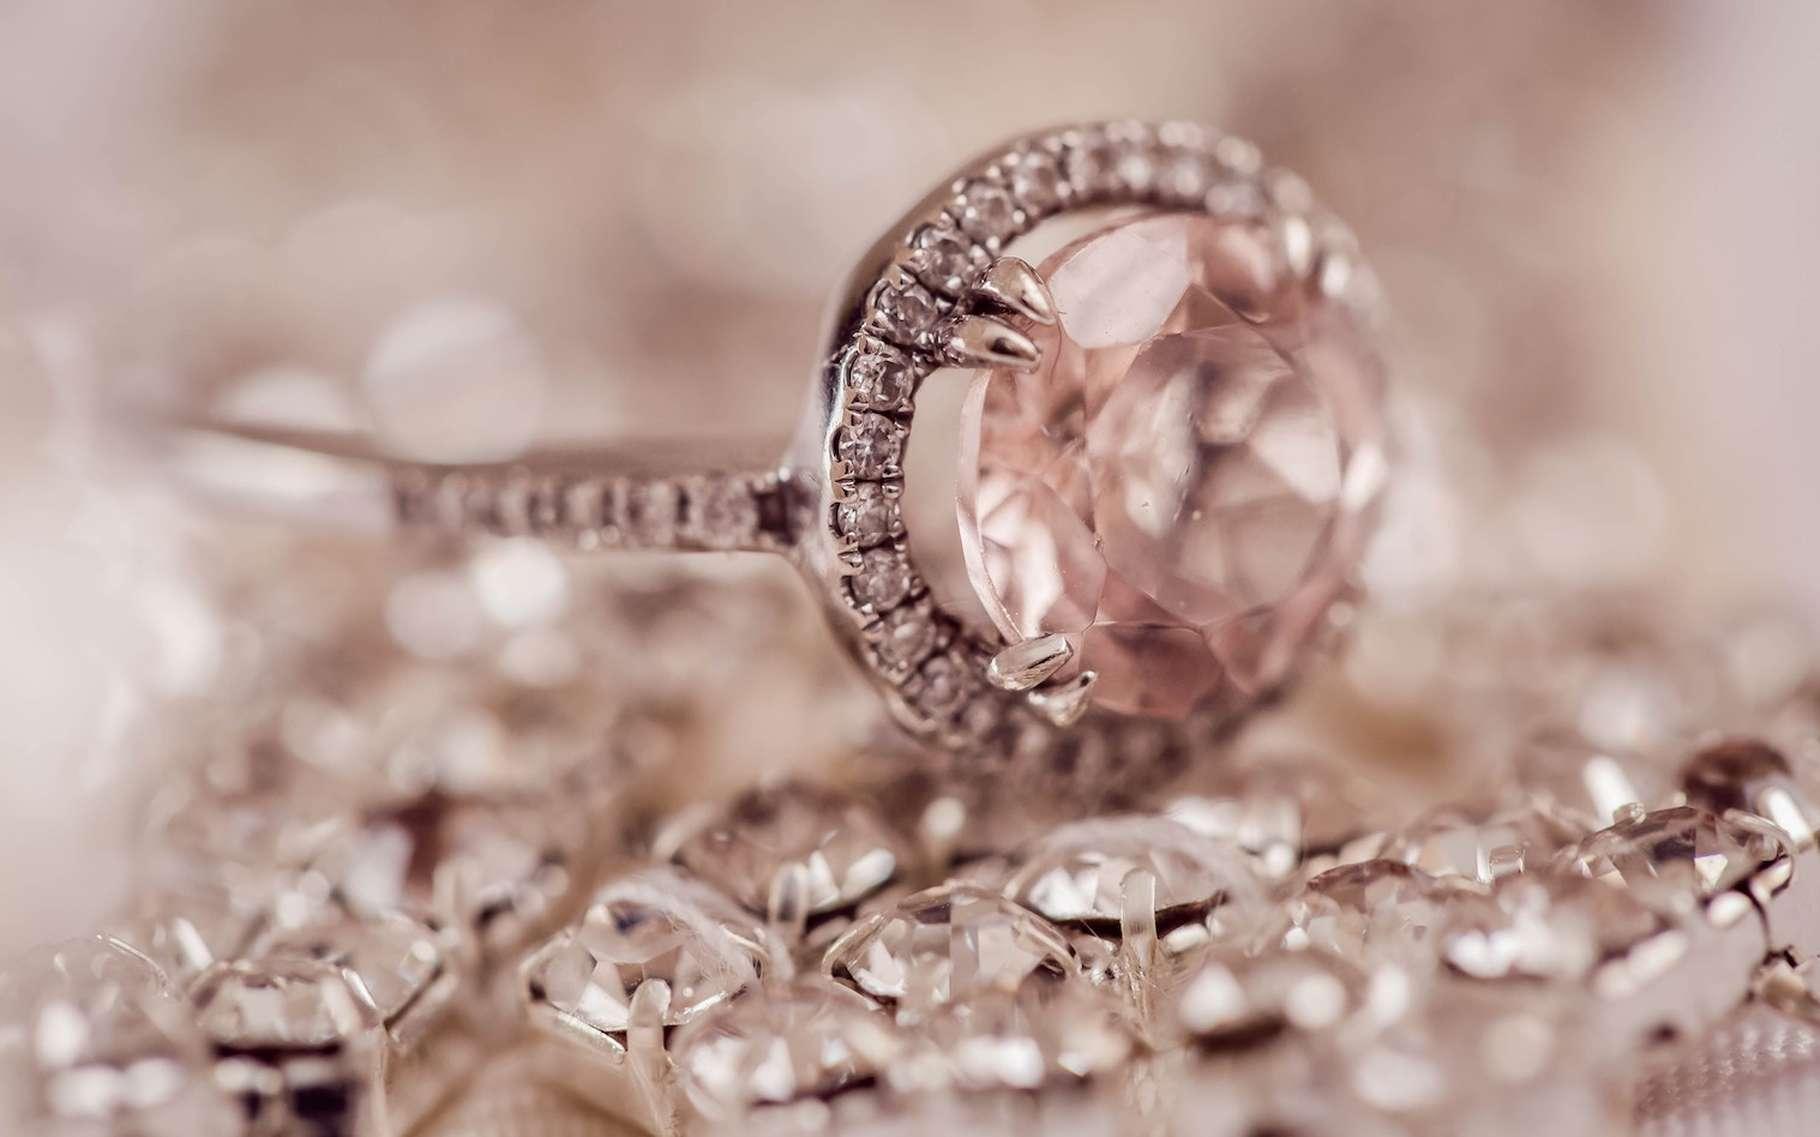 En analysant les vitesses de propagation d'ondes sonores sous la croûte terrestre, des chercheurs ont découvert la présence, en certains endroits particuliers, d'une grande quantité de diamants. © Anne Edgar, Unsplash